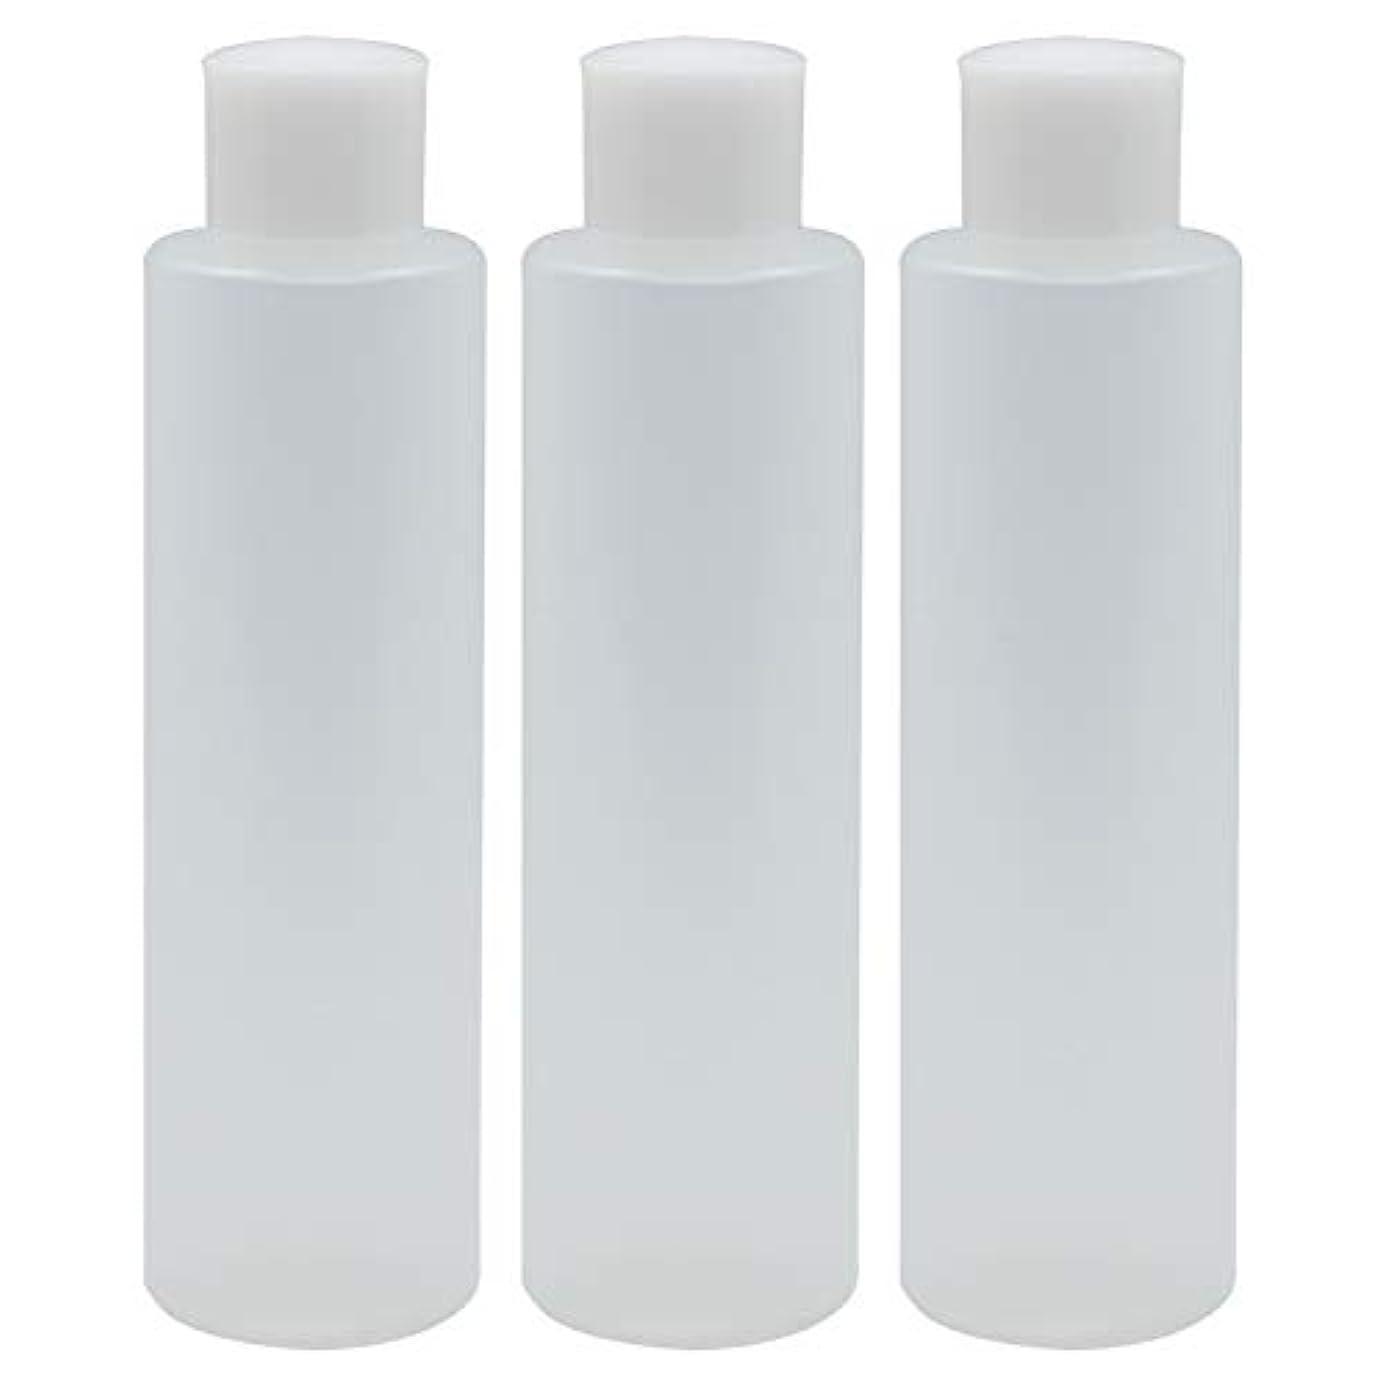 ではごきげんようアルミニウム百万日本製 PPボトル 半透明 スクリューキャップ 中栓付き 3本セット